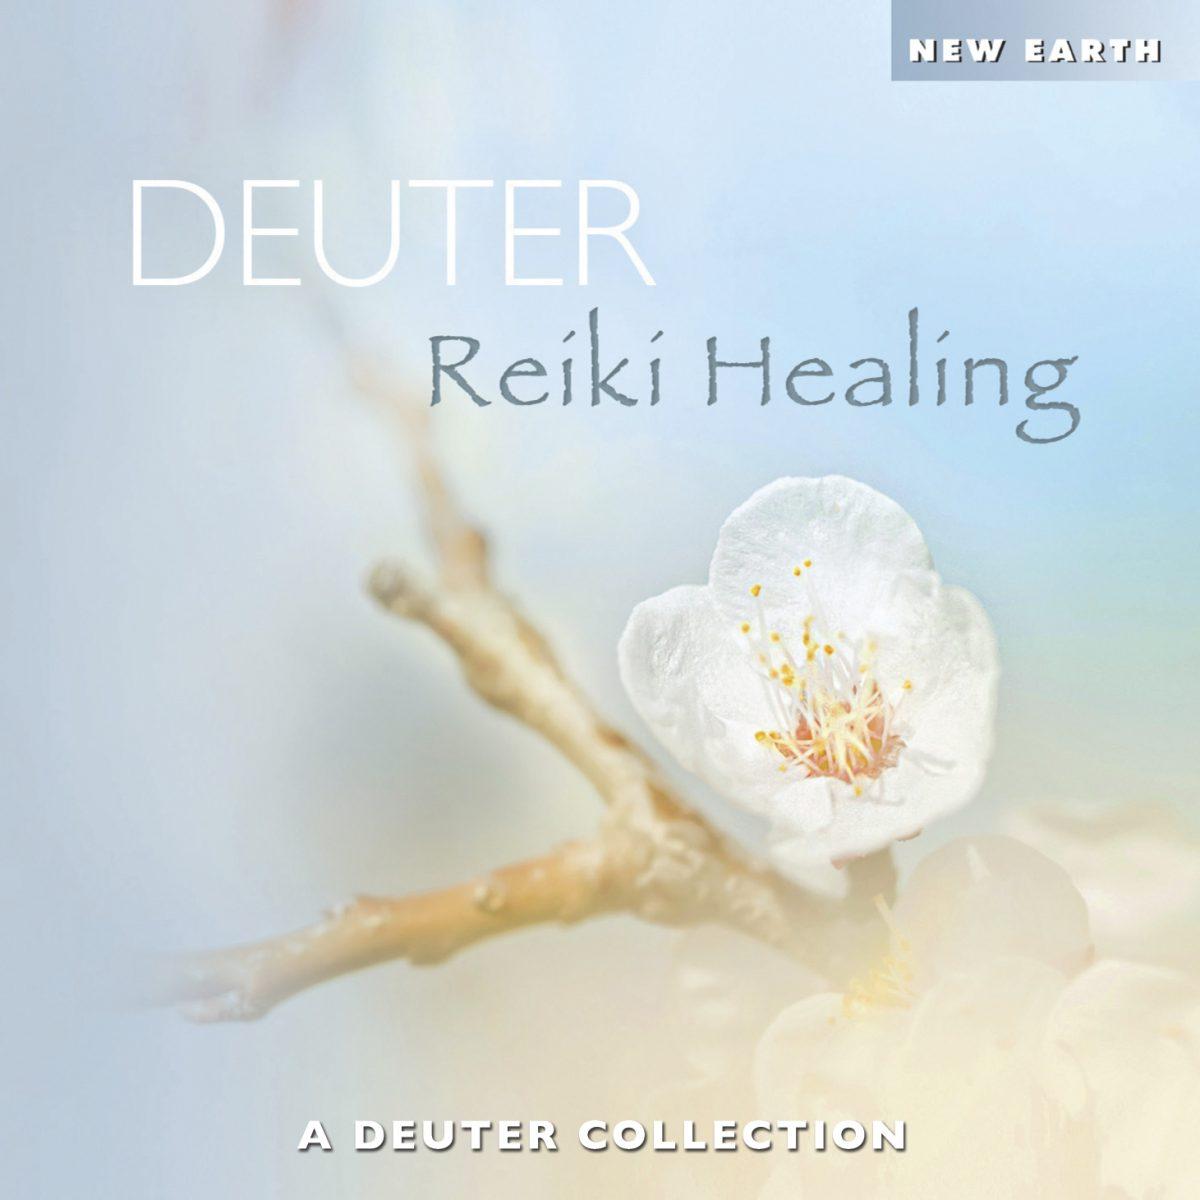 Deuter Reiki Healing Collection